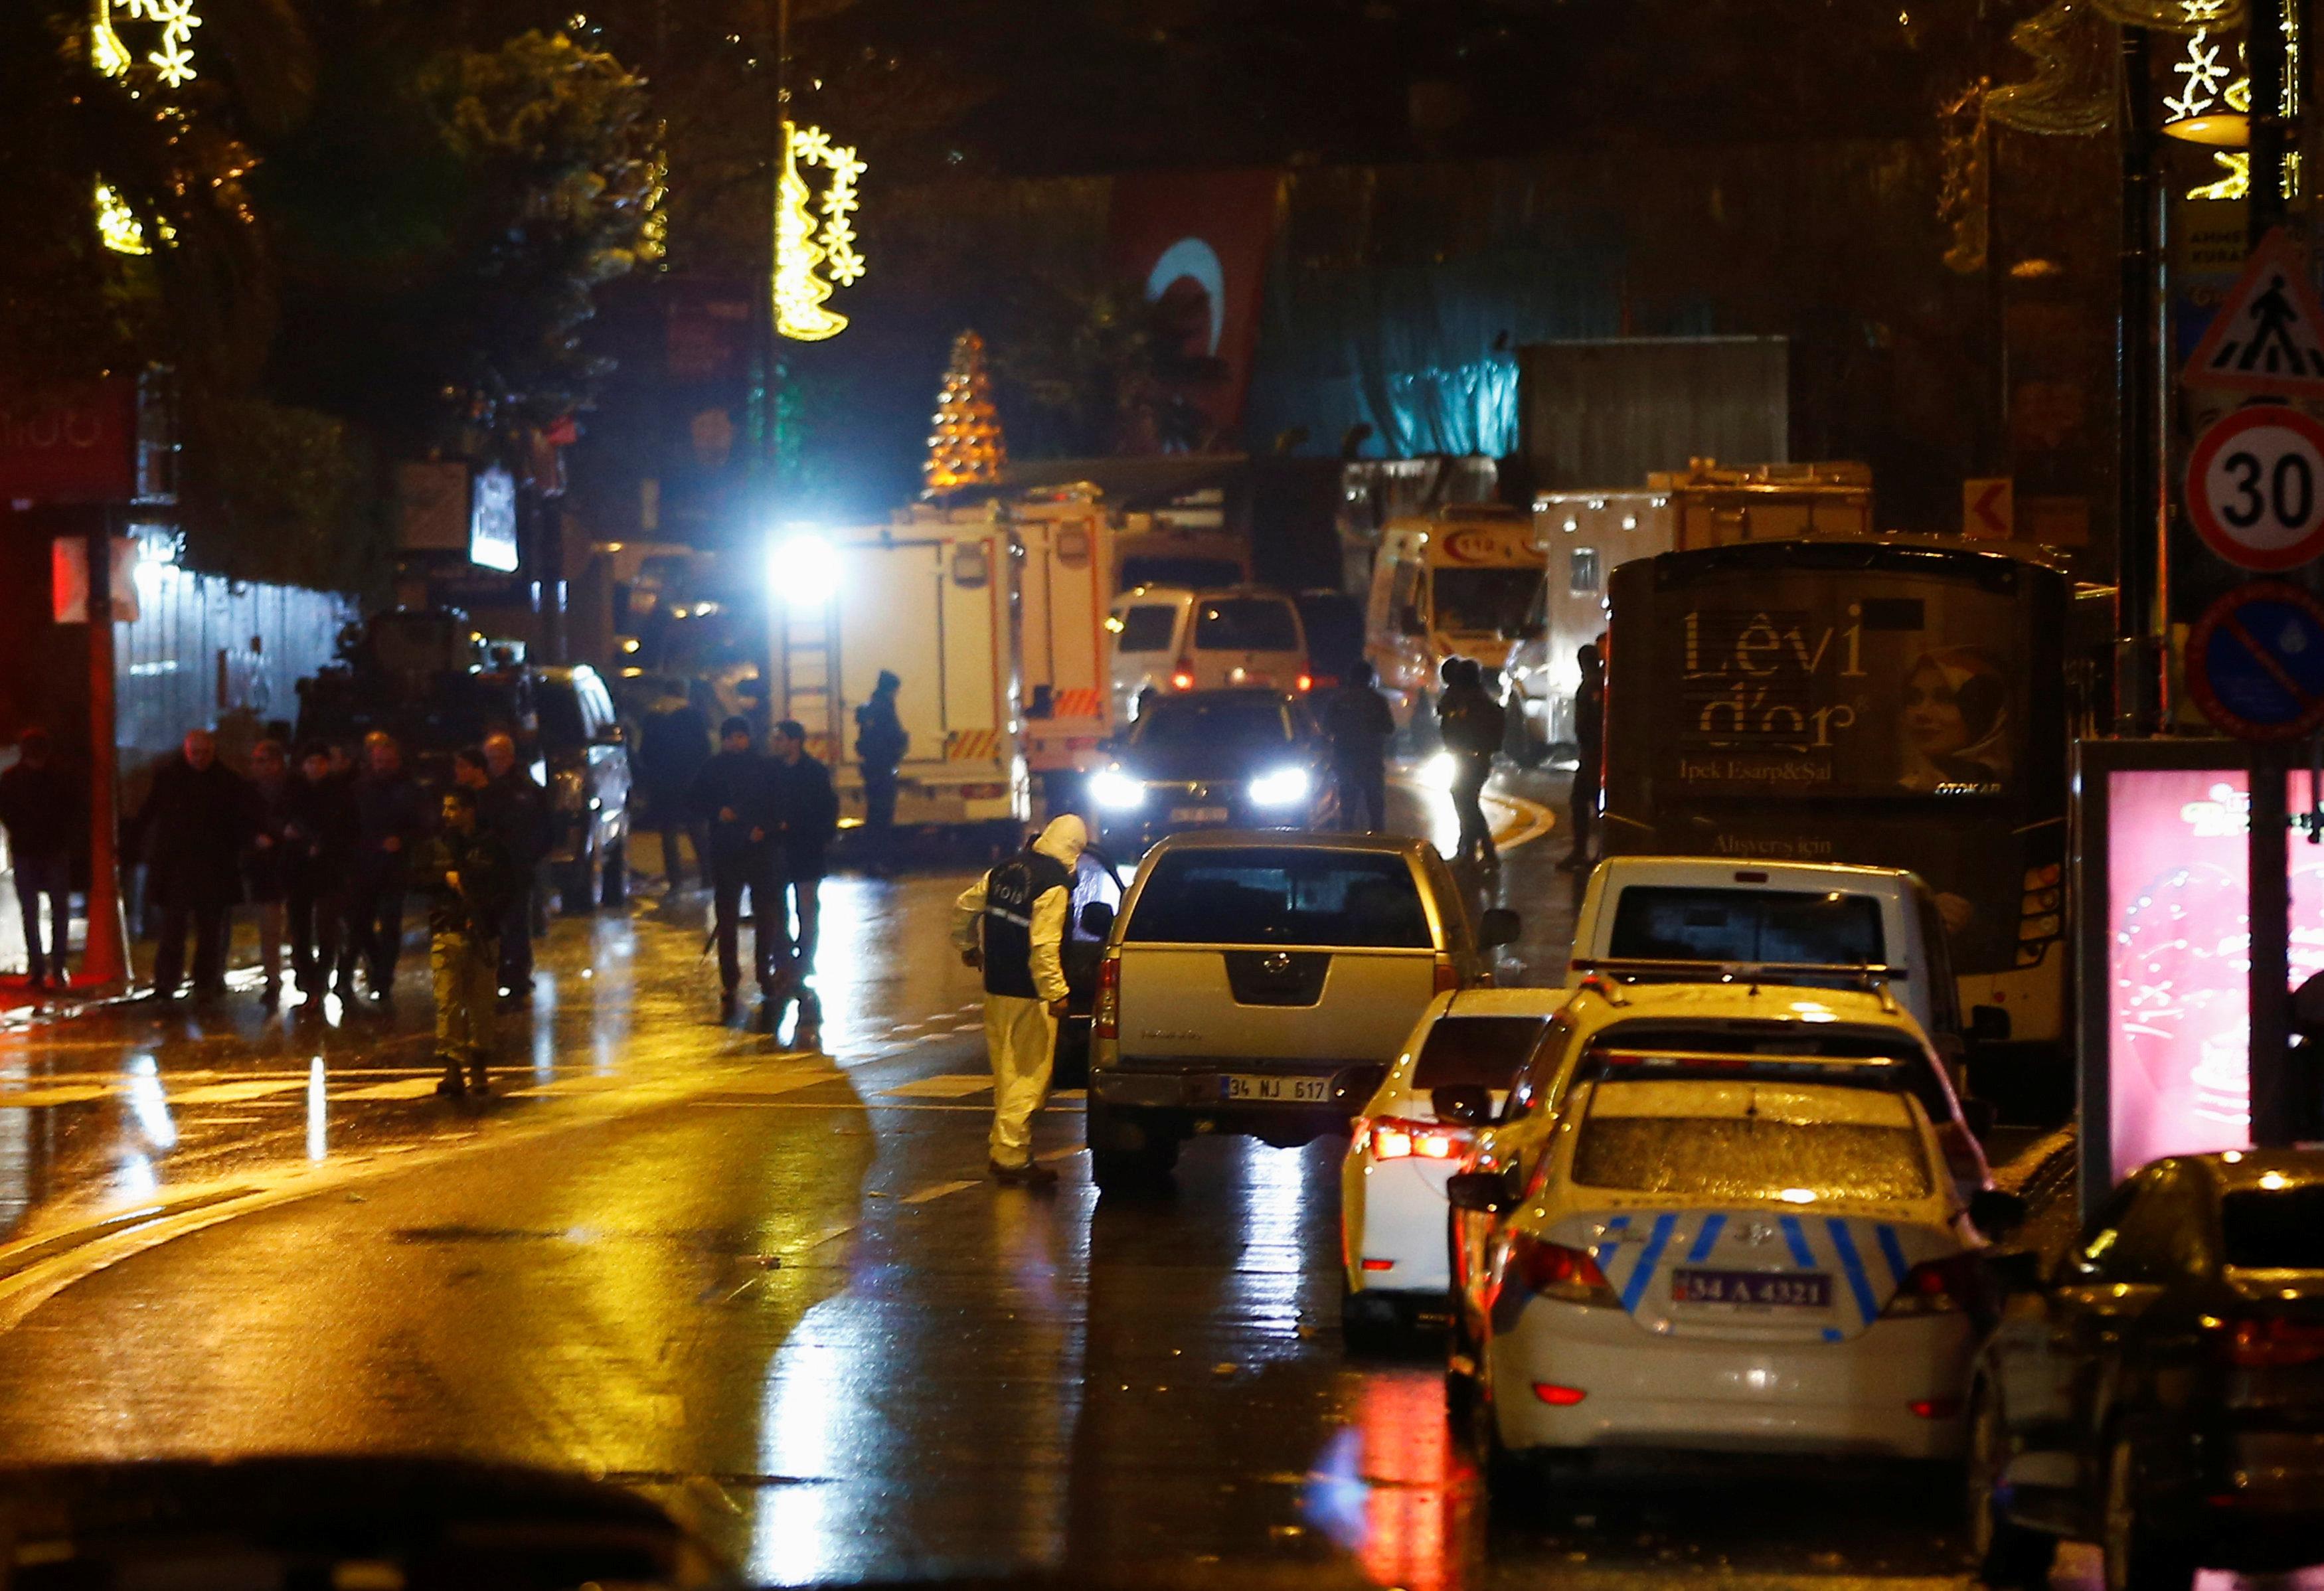 حادث ارهابى ليلة رأس السنة بتركيا